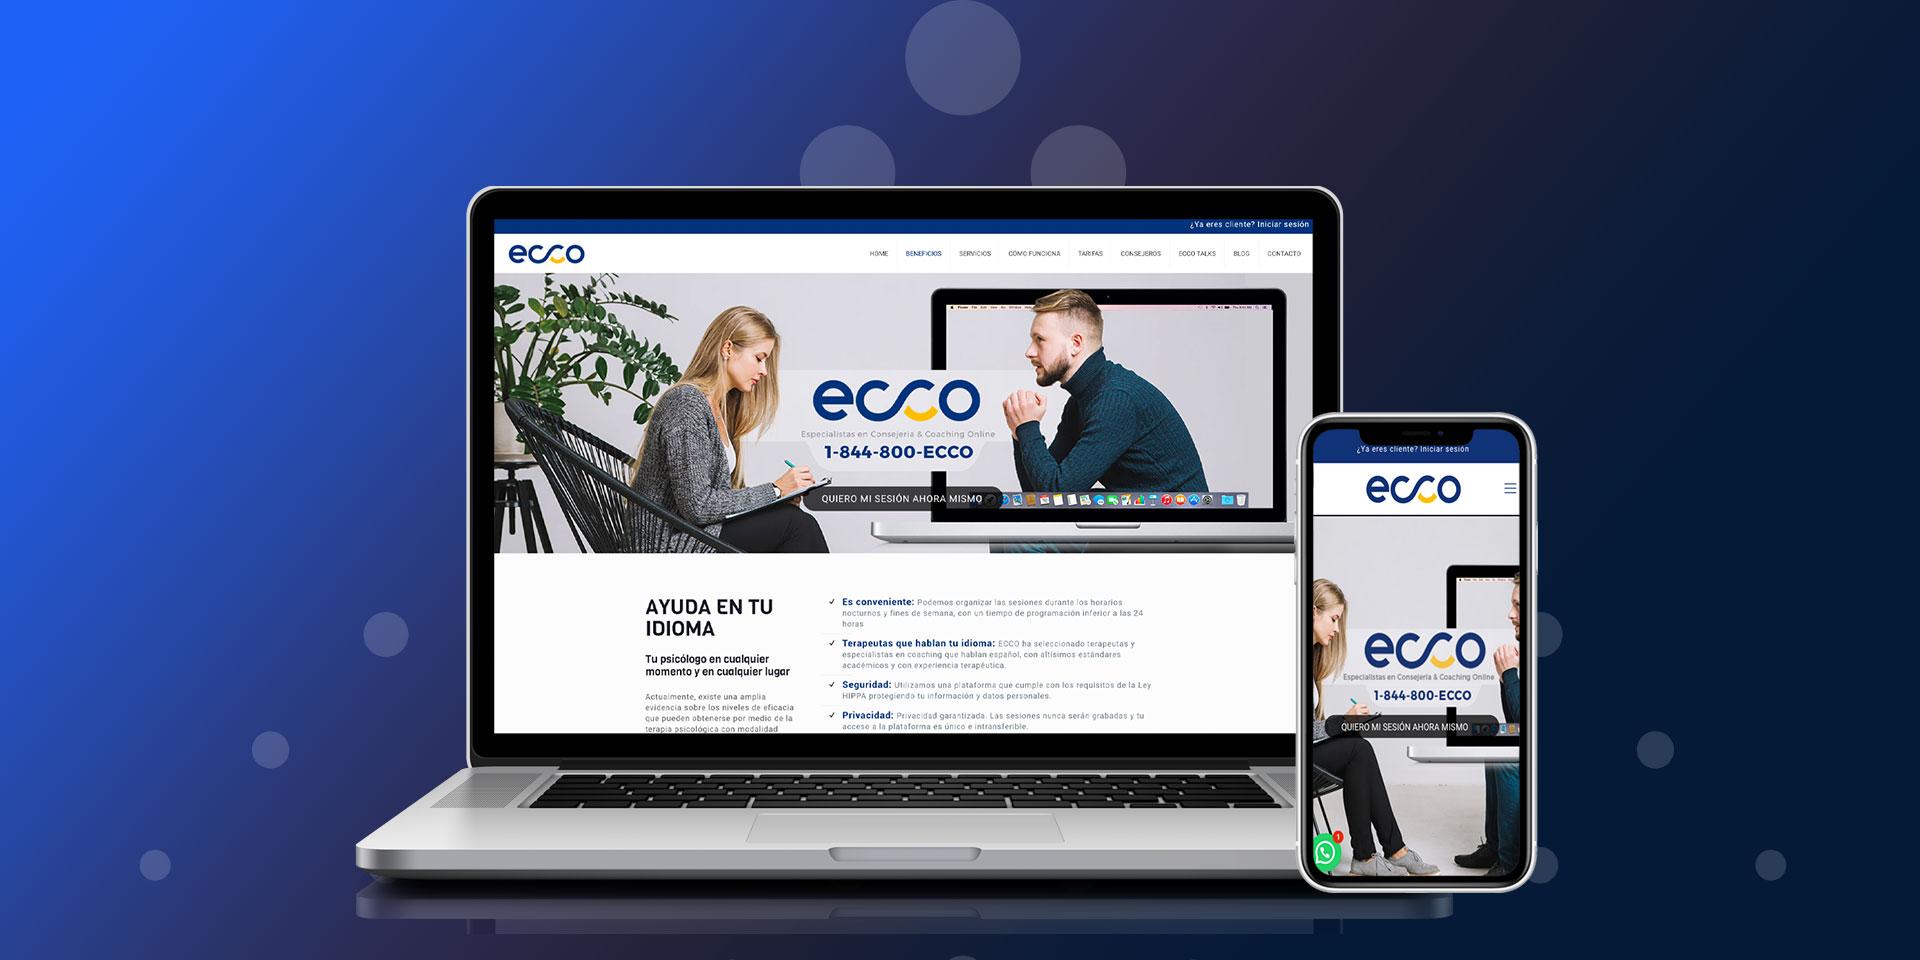 beon_website_ECCO